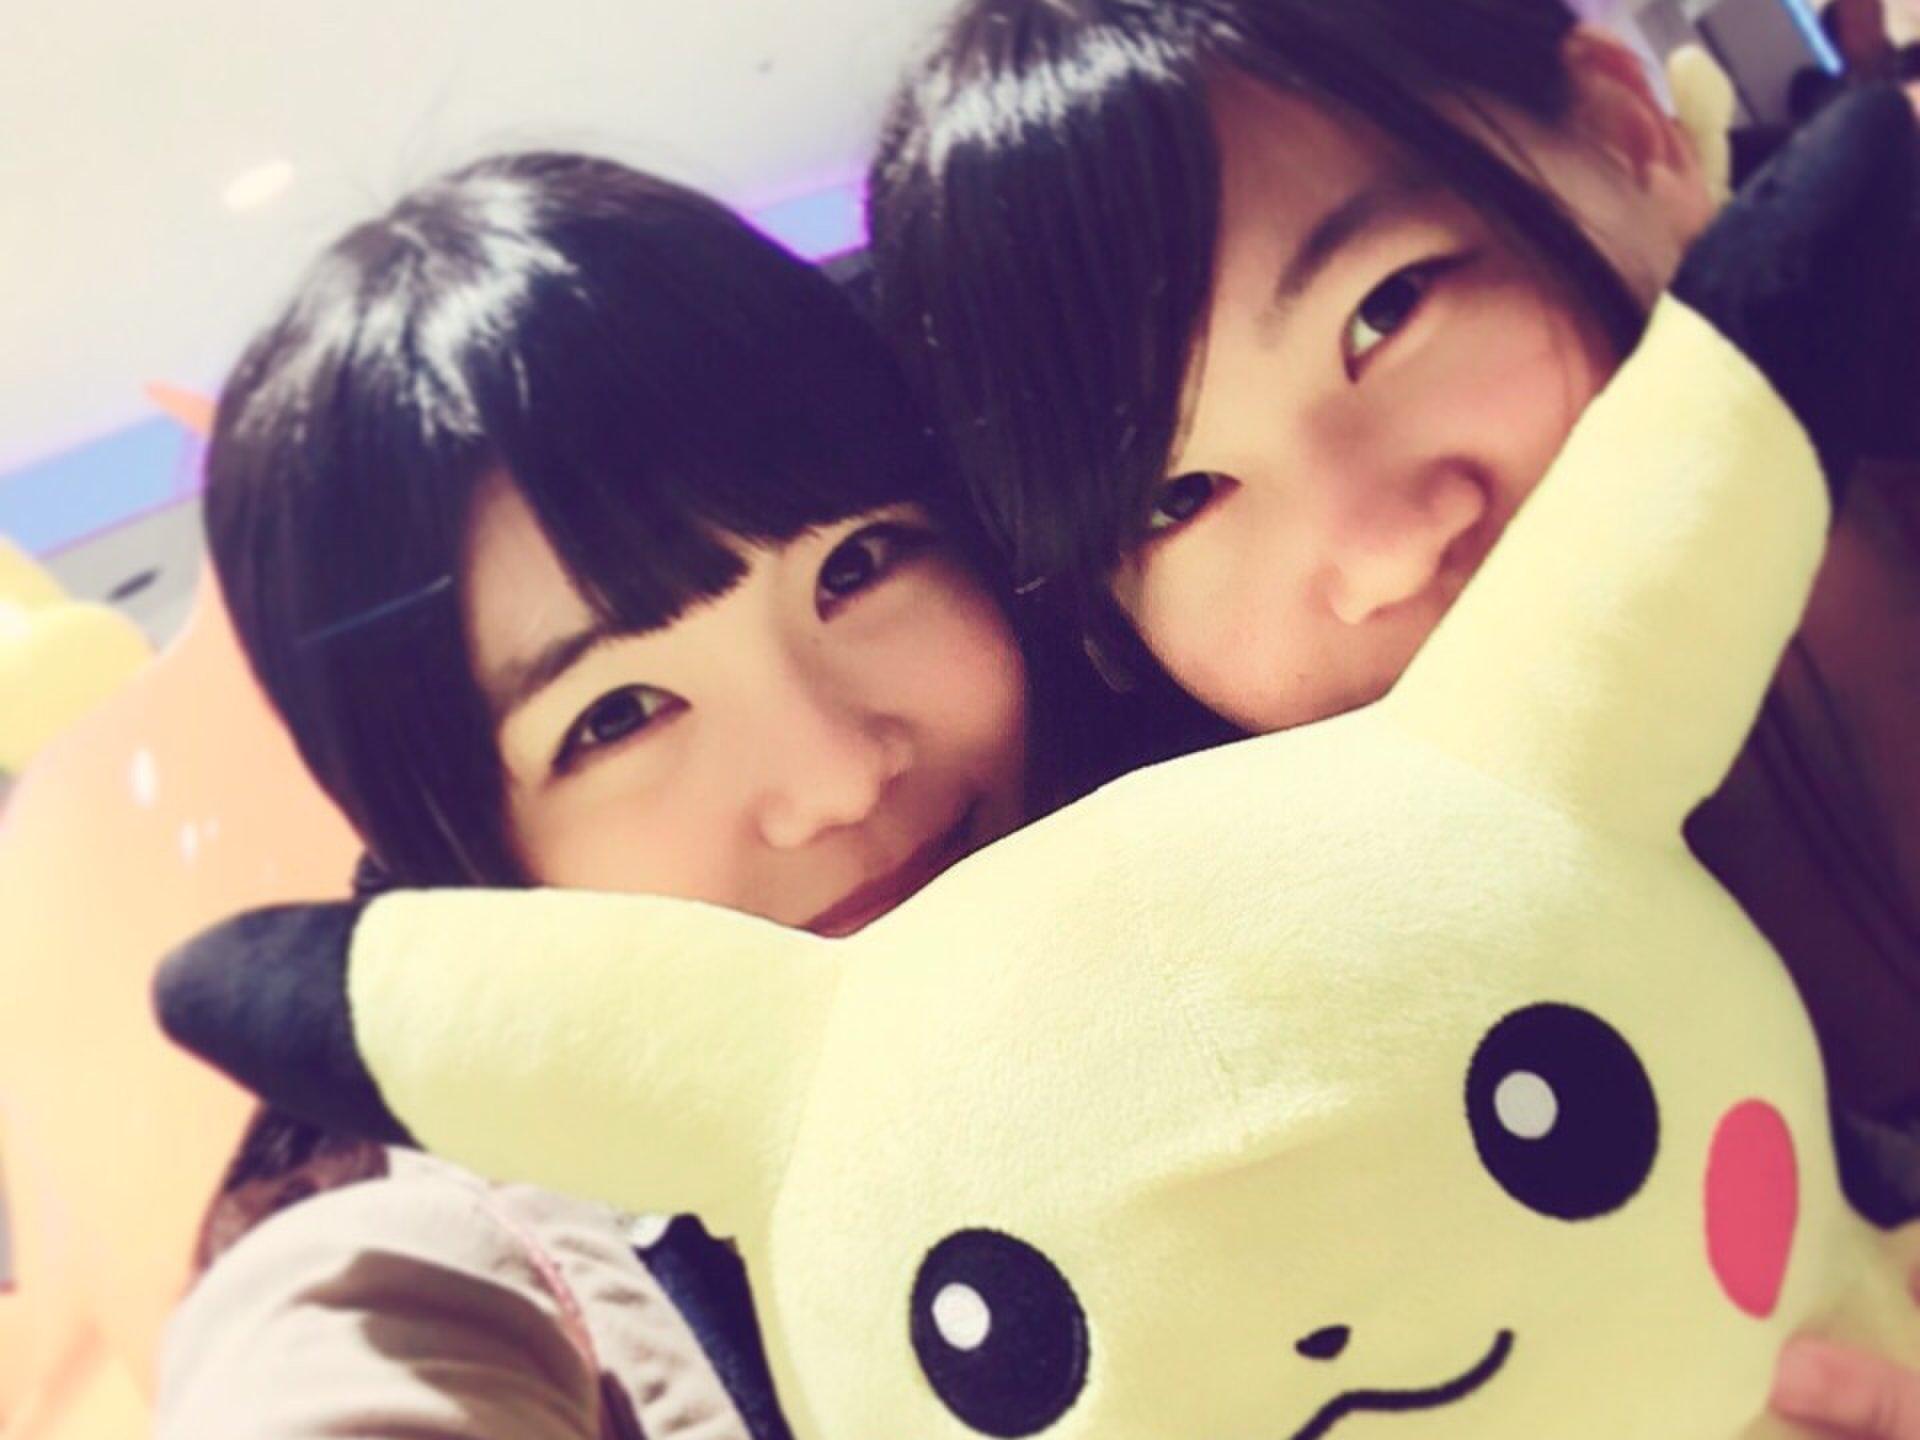 【観光ついでにポケモンGO!】東京都内の観光地にあるポケストップスポットで一石二鳥のポケモントレーナーになろう!